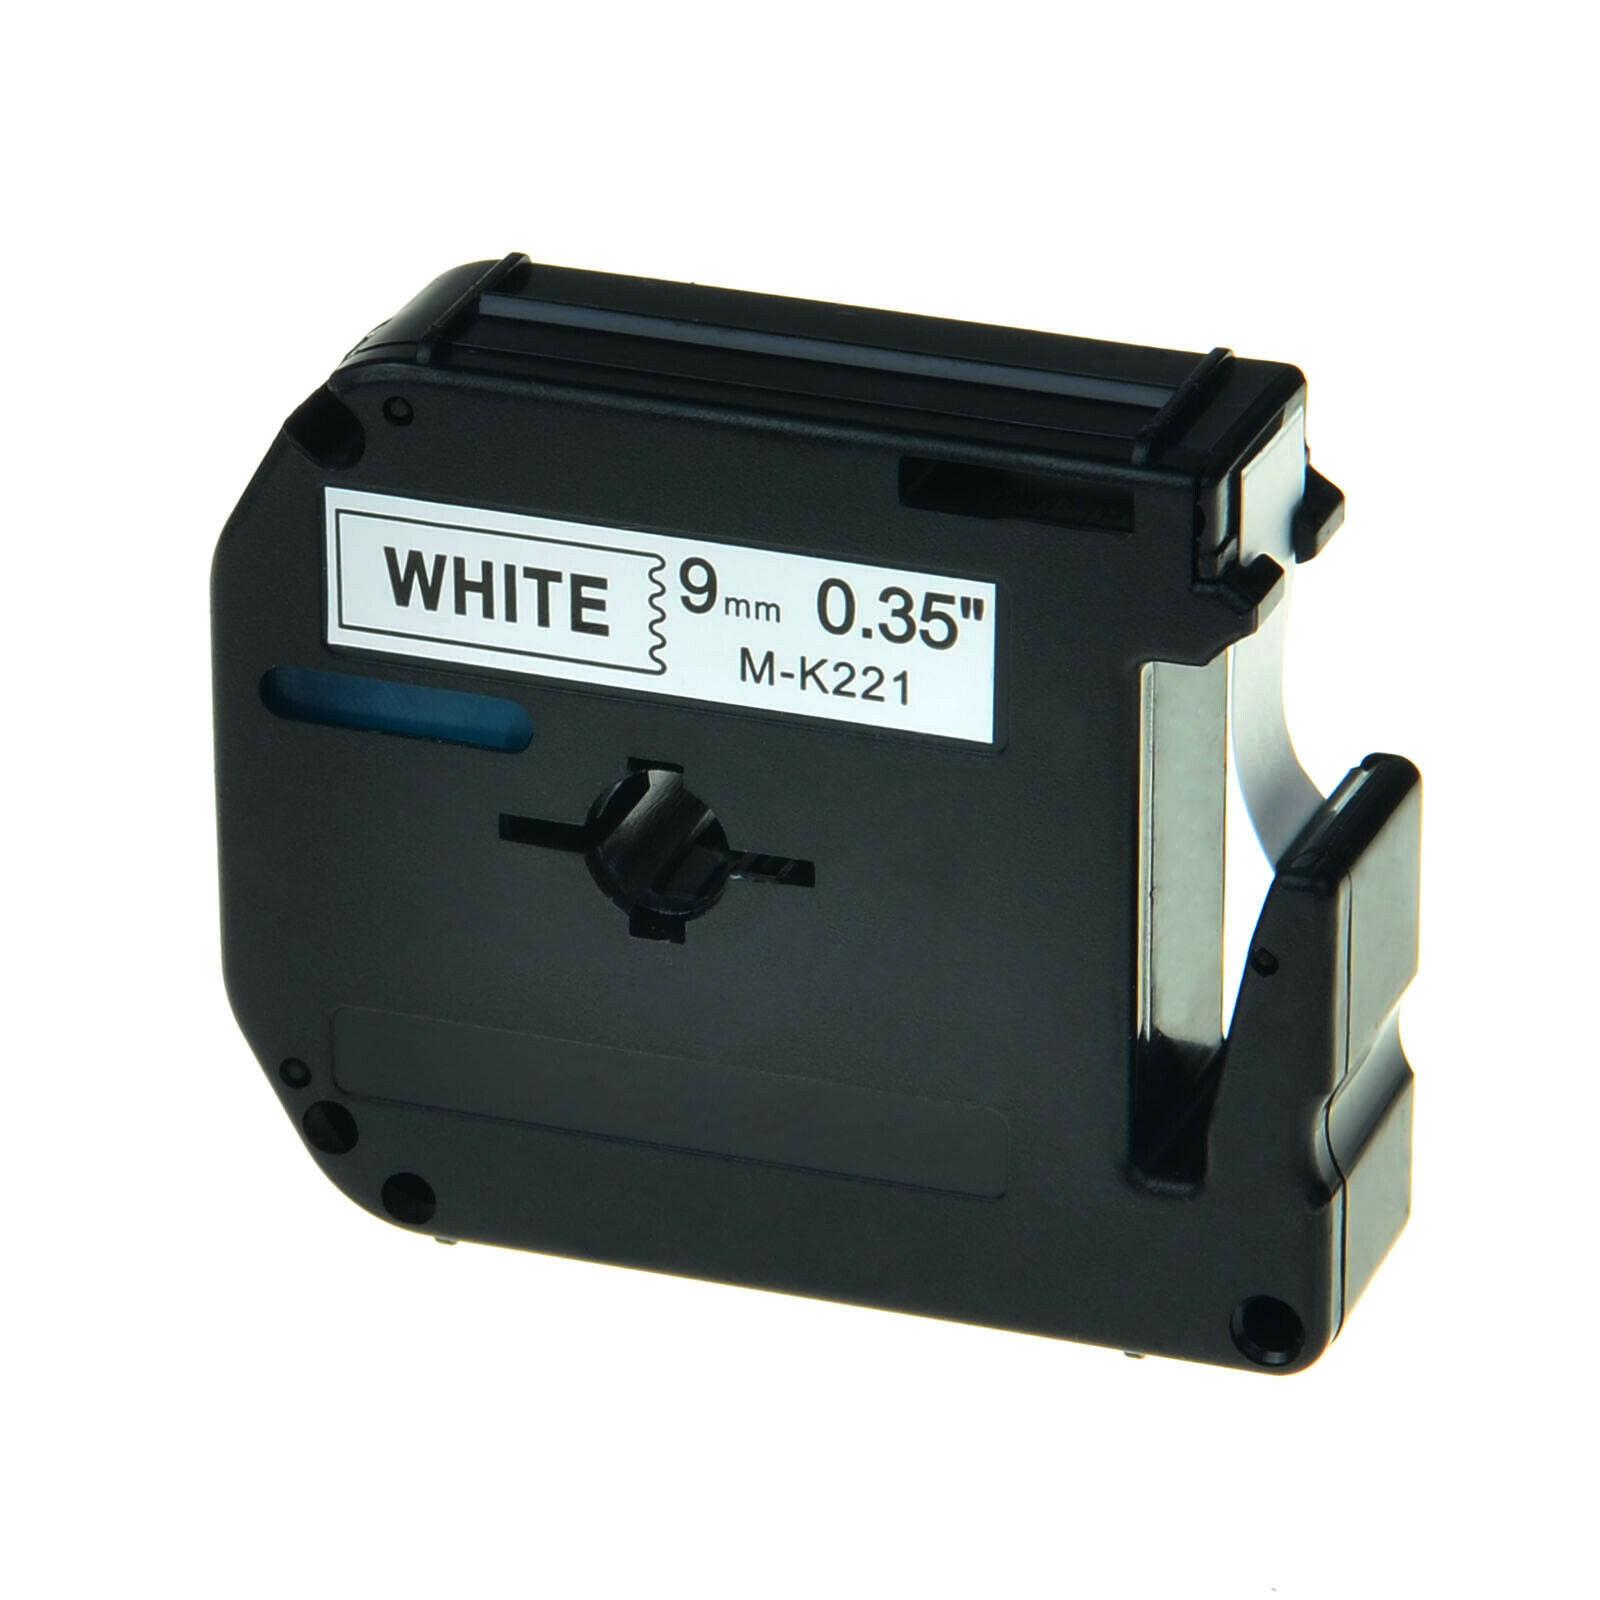 MK221 Alternativ Farbband Black on White für Brot / MK221 / 9mm